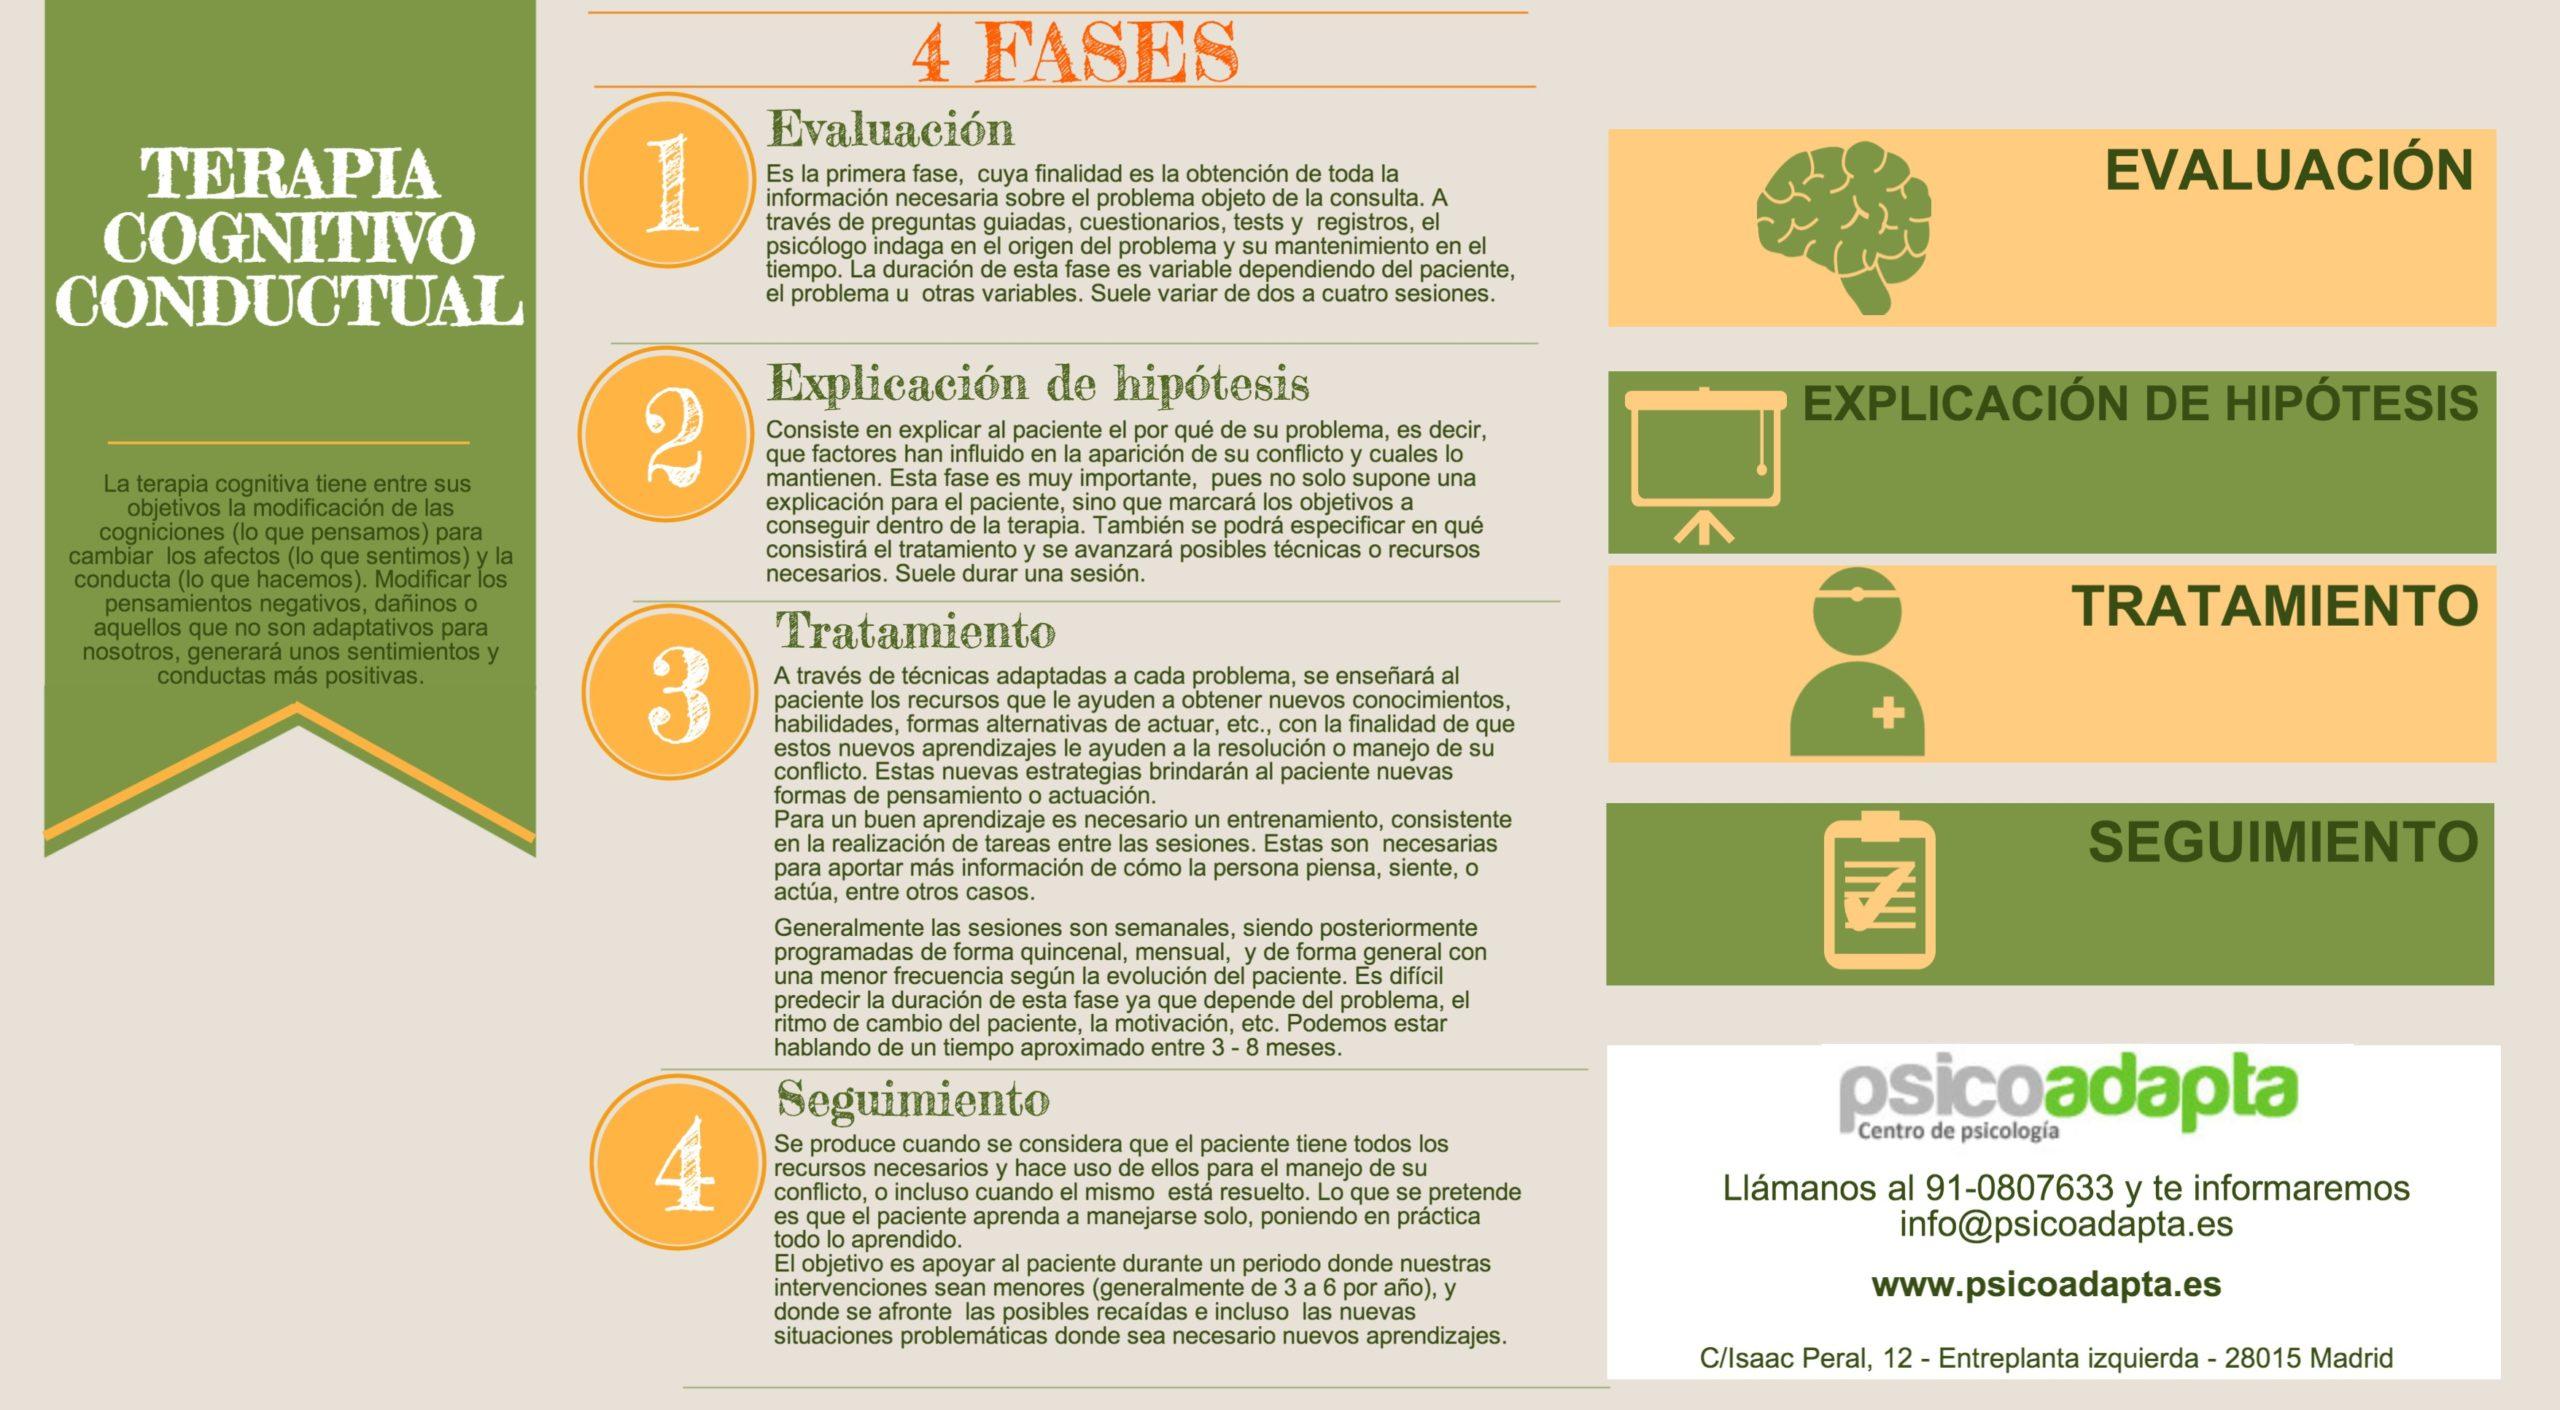 La terapia cognitivo conductual y sus puntos fuertes (infografía)